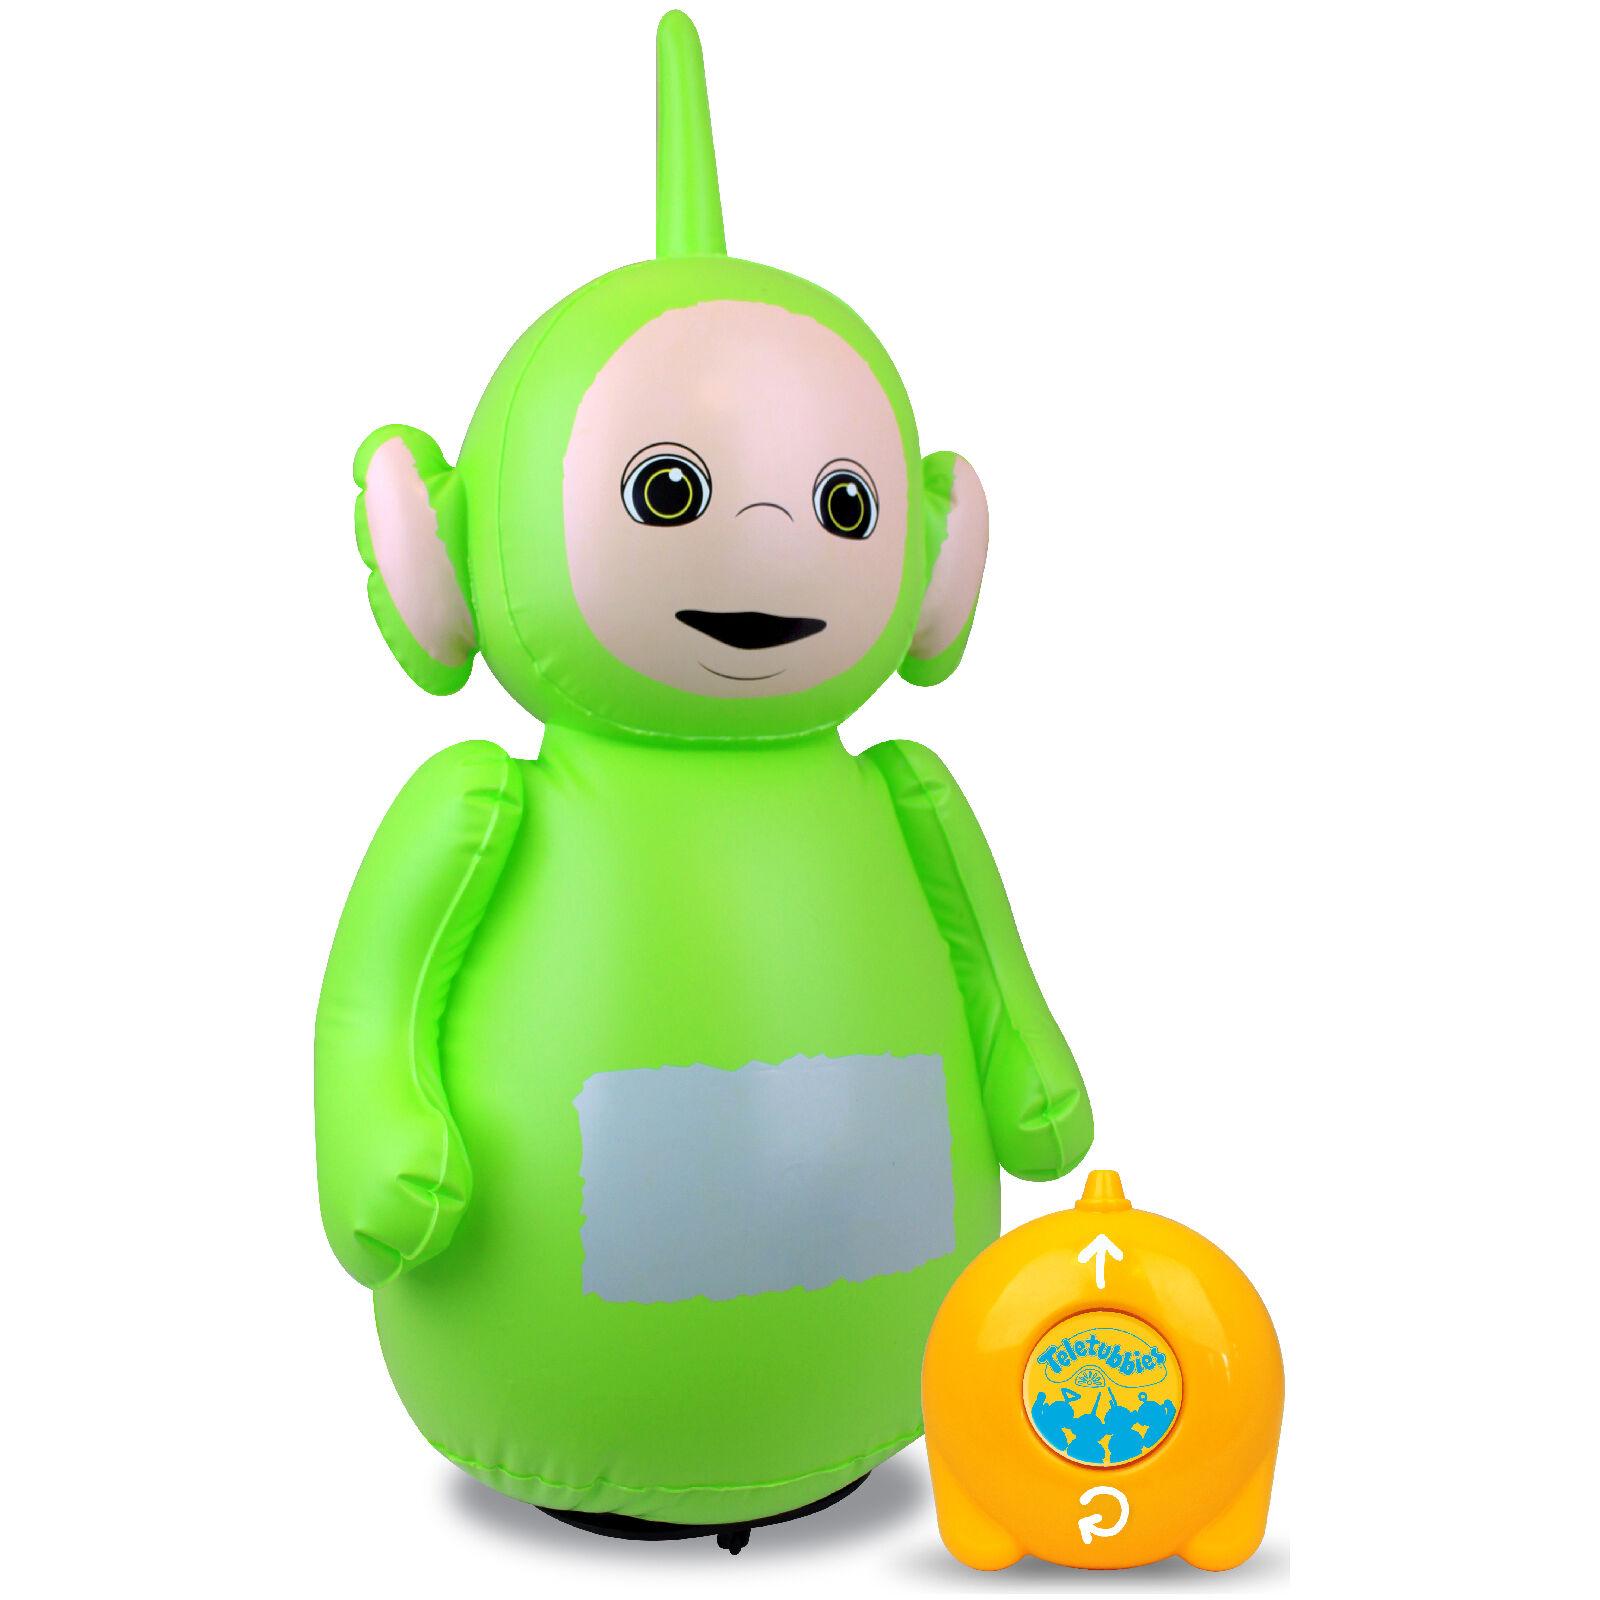 Bladez Toyz Teletubbies Radio Control Inflatable - Dipsy